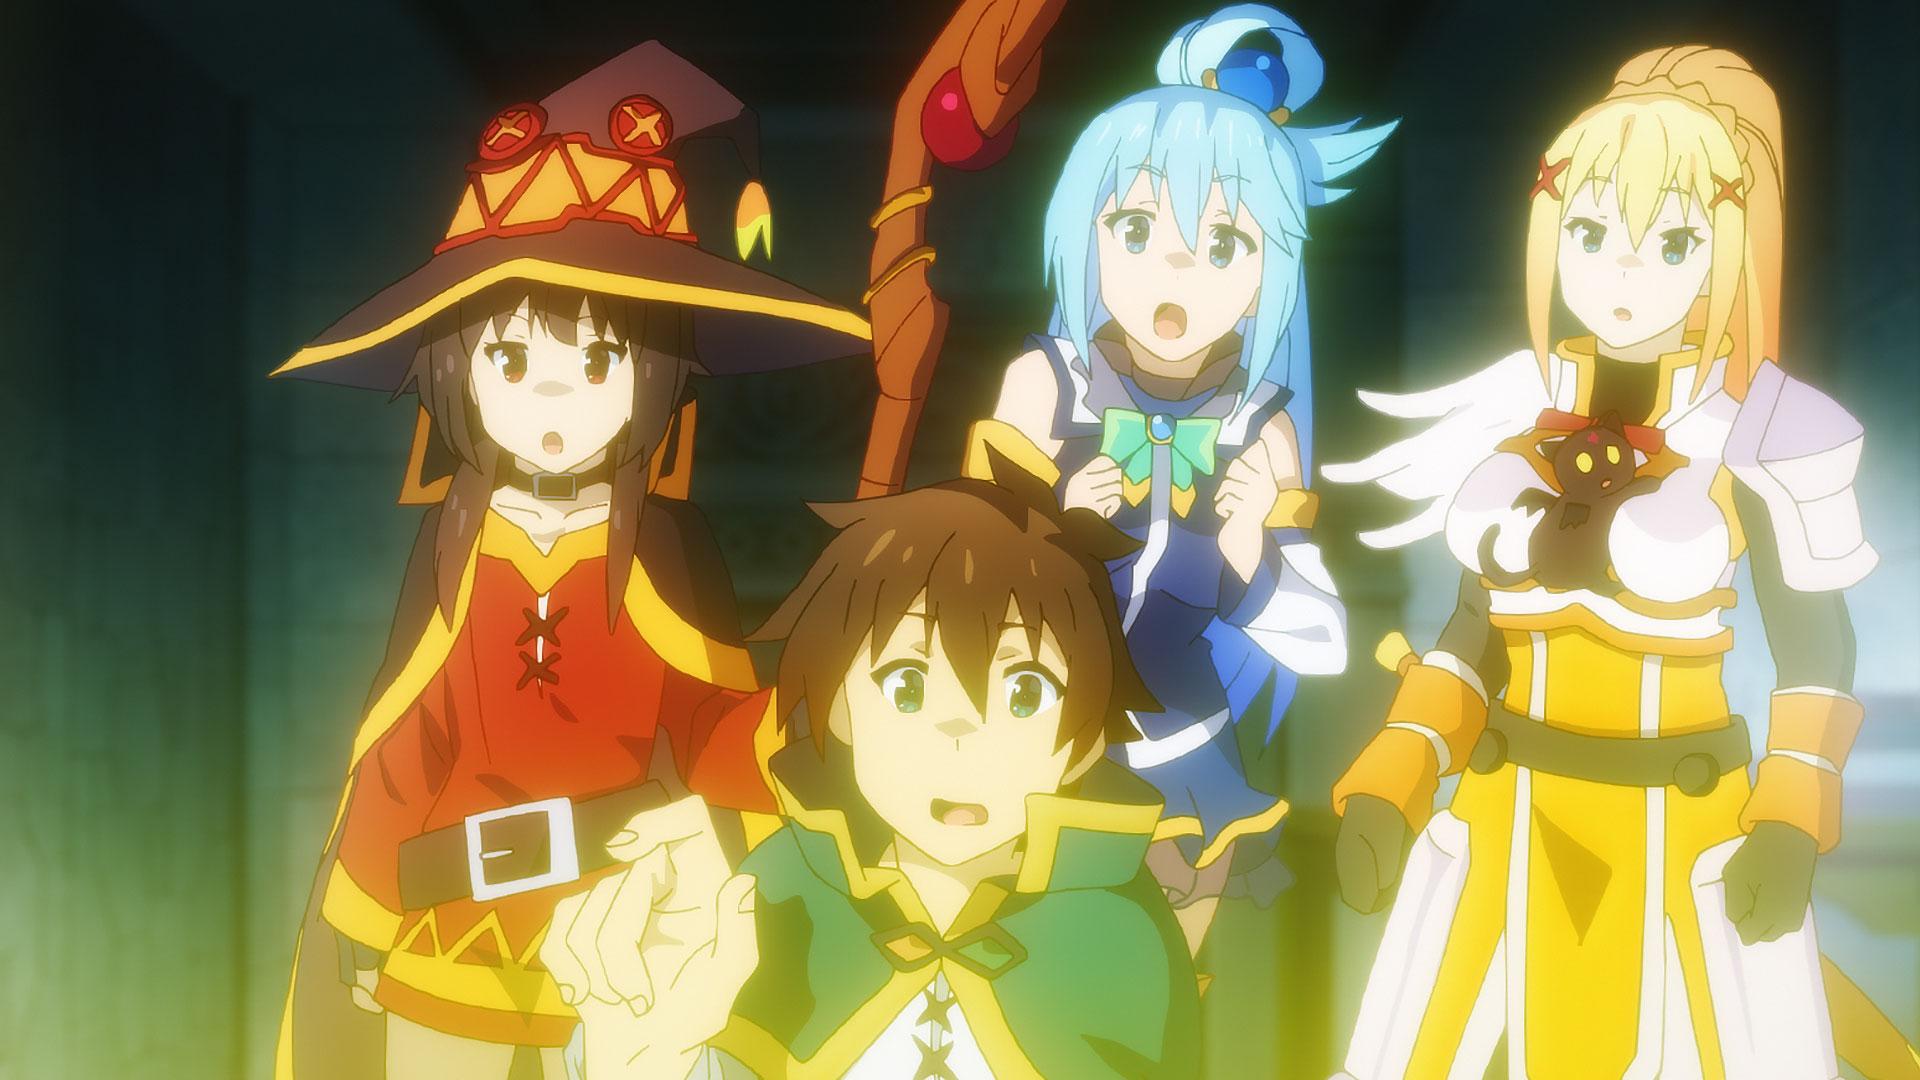 この素晴らしい世界に祝福を!2 OVA「この素晴らしい芸術に祝福を!」